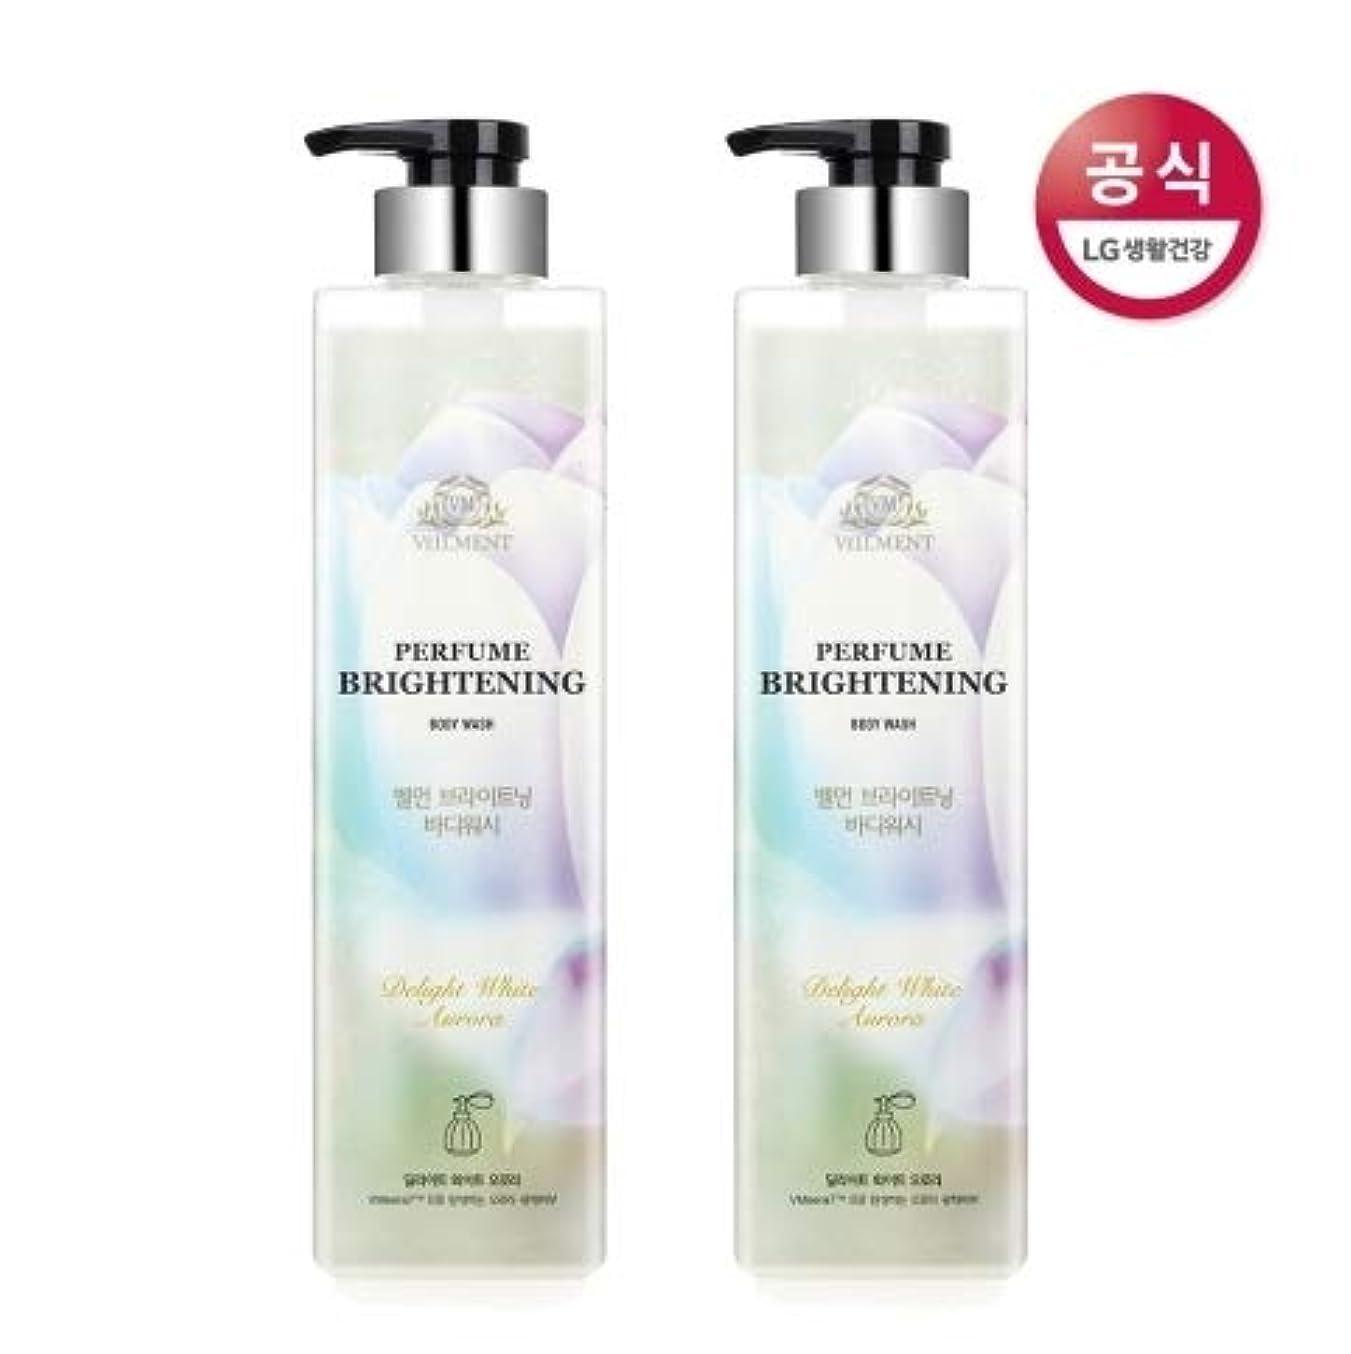 判読できない環境保護主義者時々[LG HnB] On the Body Belman Perfume Brightening Body Wash / オンザボディベルモンパフュームブライトニングボディウォッシュ680mlx2個(海外直送品)